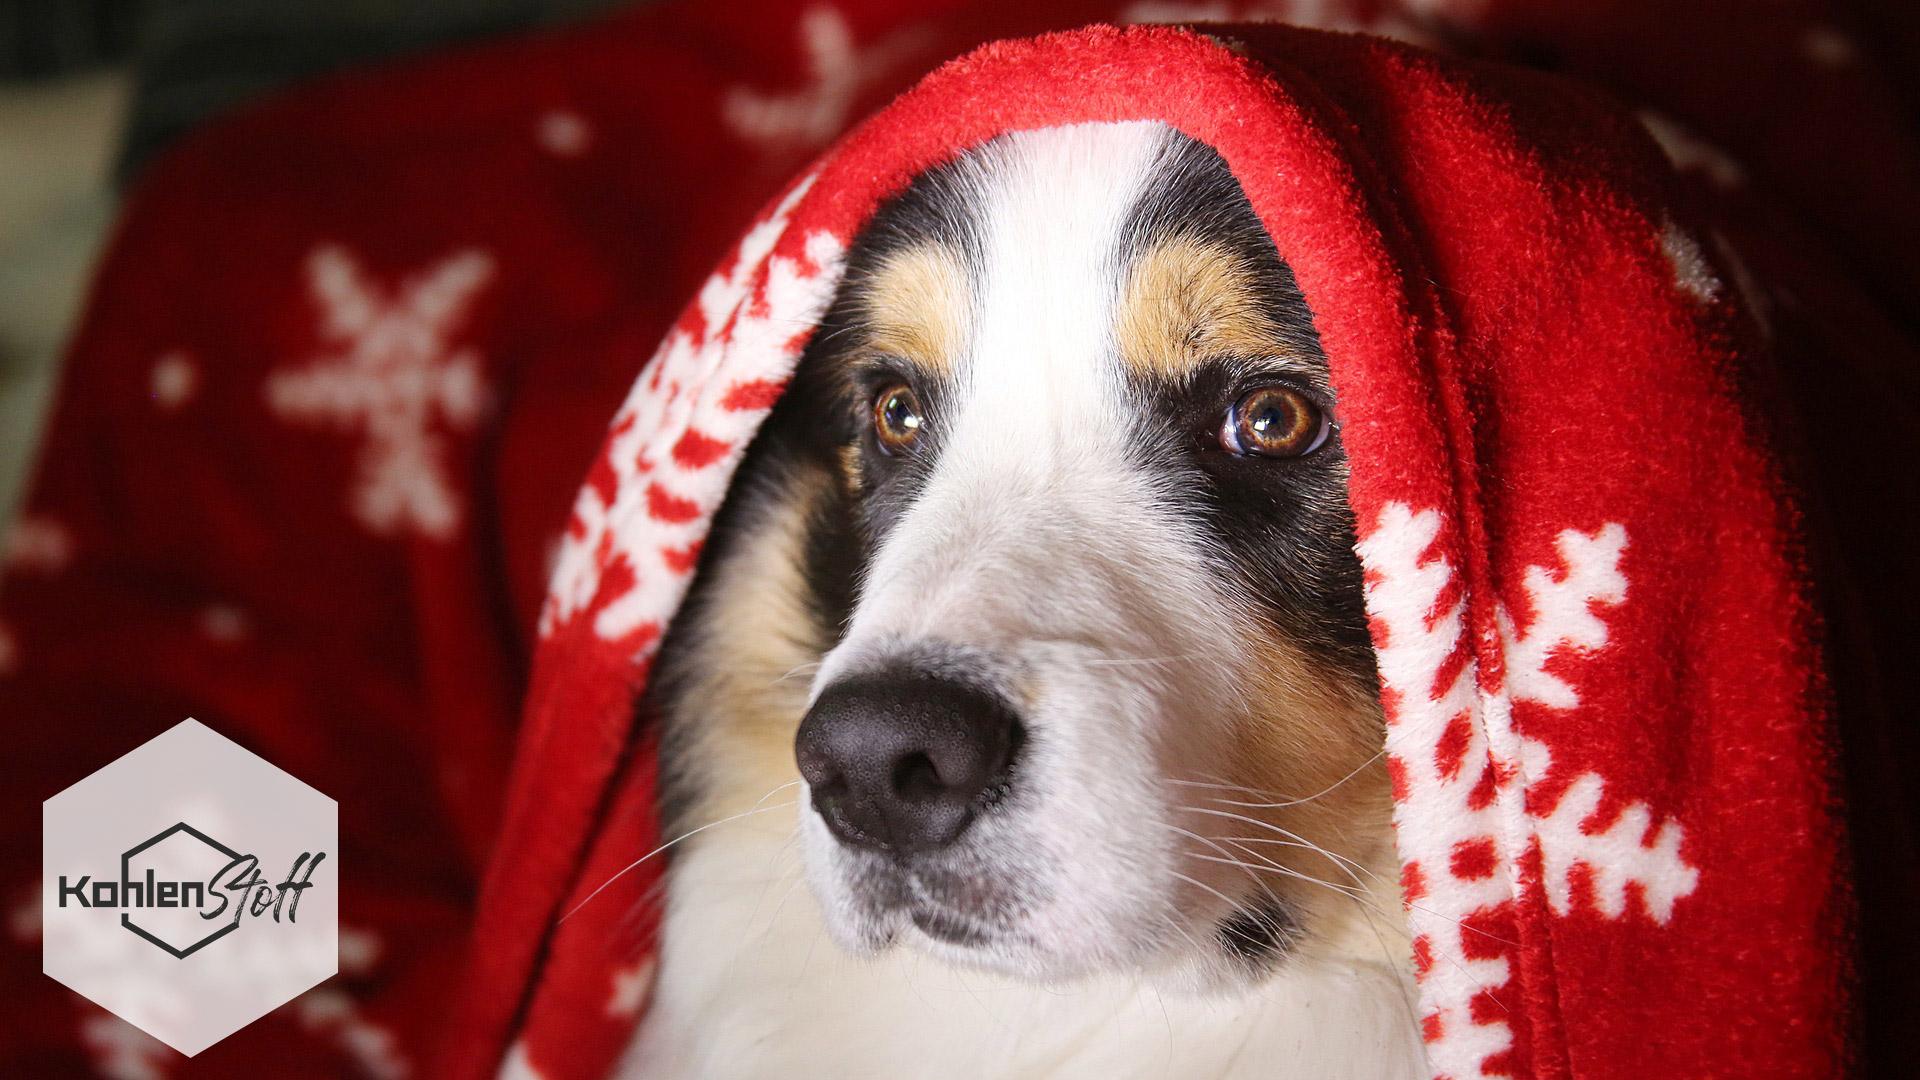 Weihnachten mit Hund | KohlenStoff von CharLine